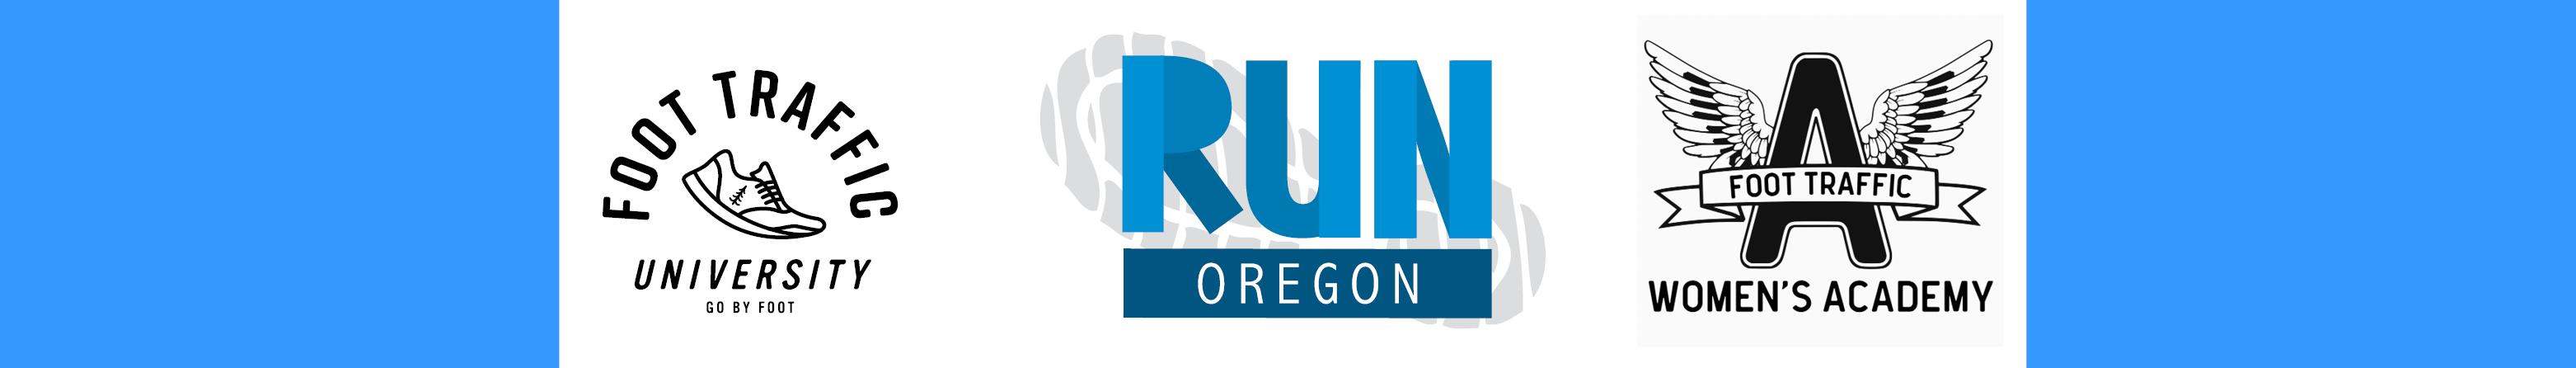 Run-Oregon-Foot-Traffic-U-Womens-Academy-Banner